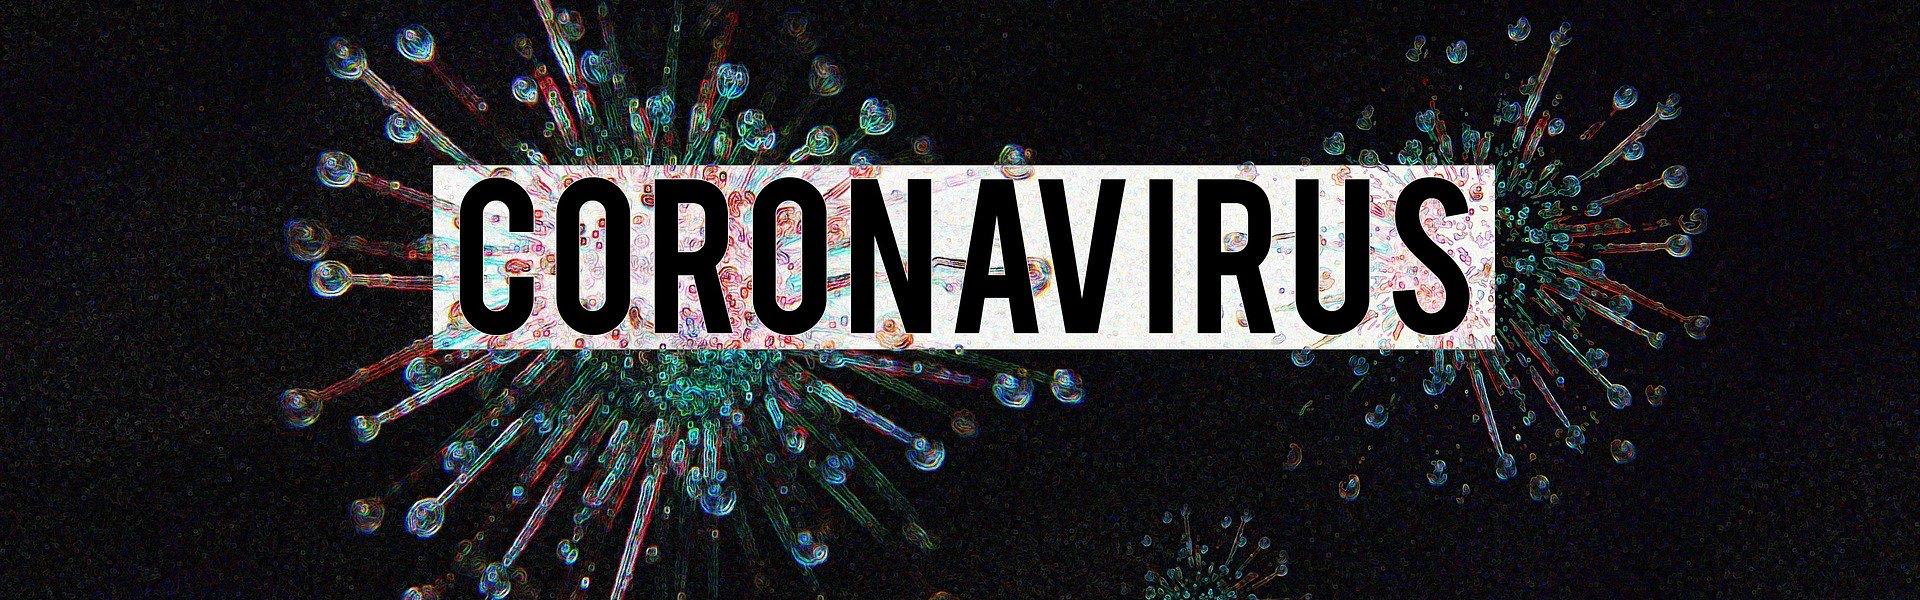 Coronavirus slider